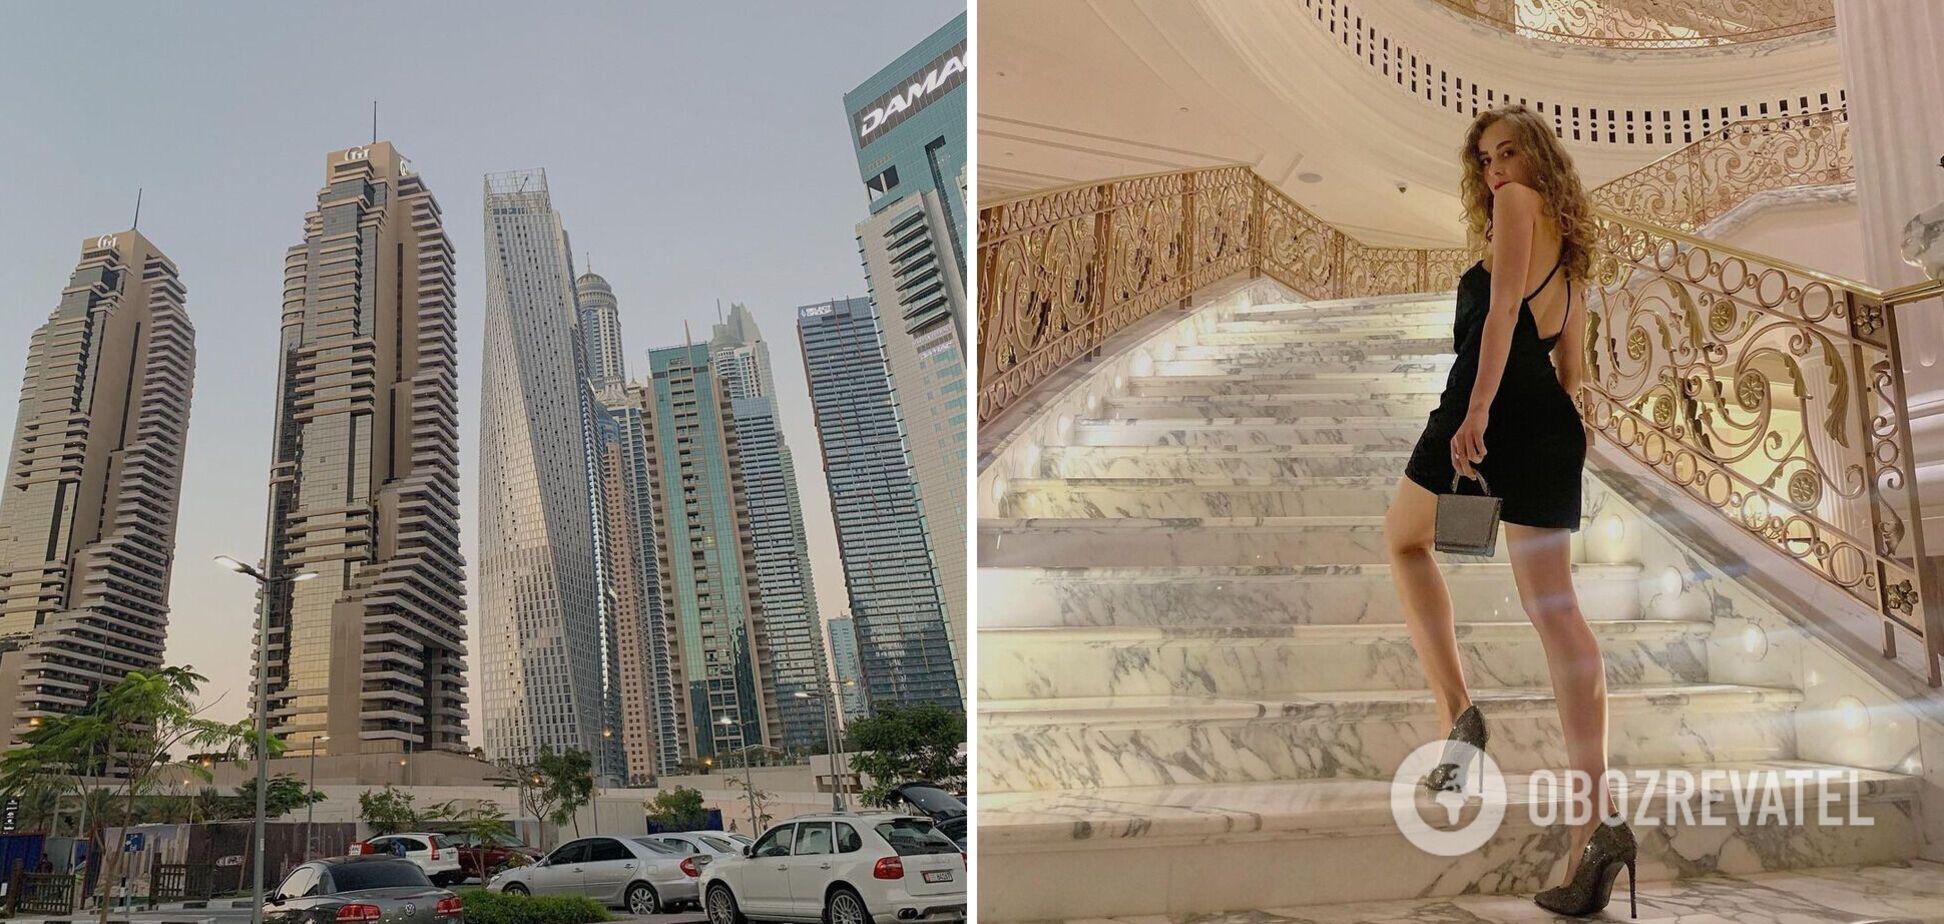 Украинка открестилась от голой фотосессии в Дубае: я уже три дня дома